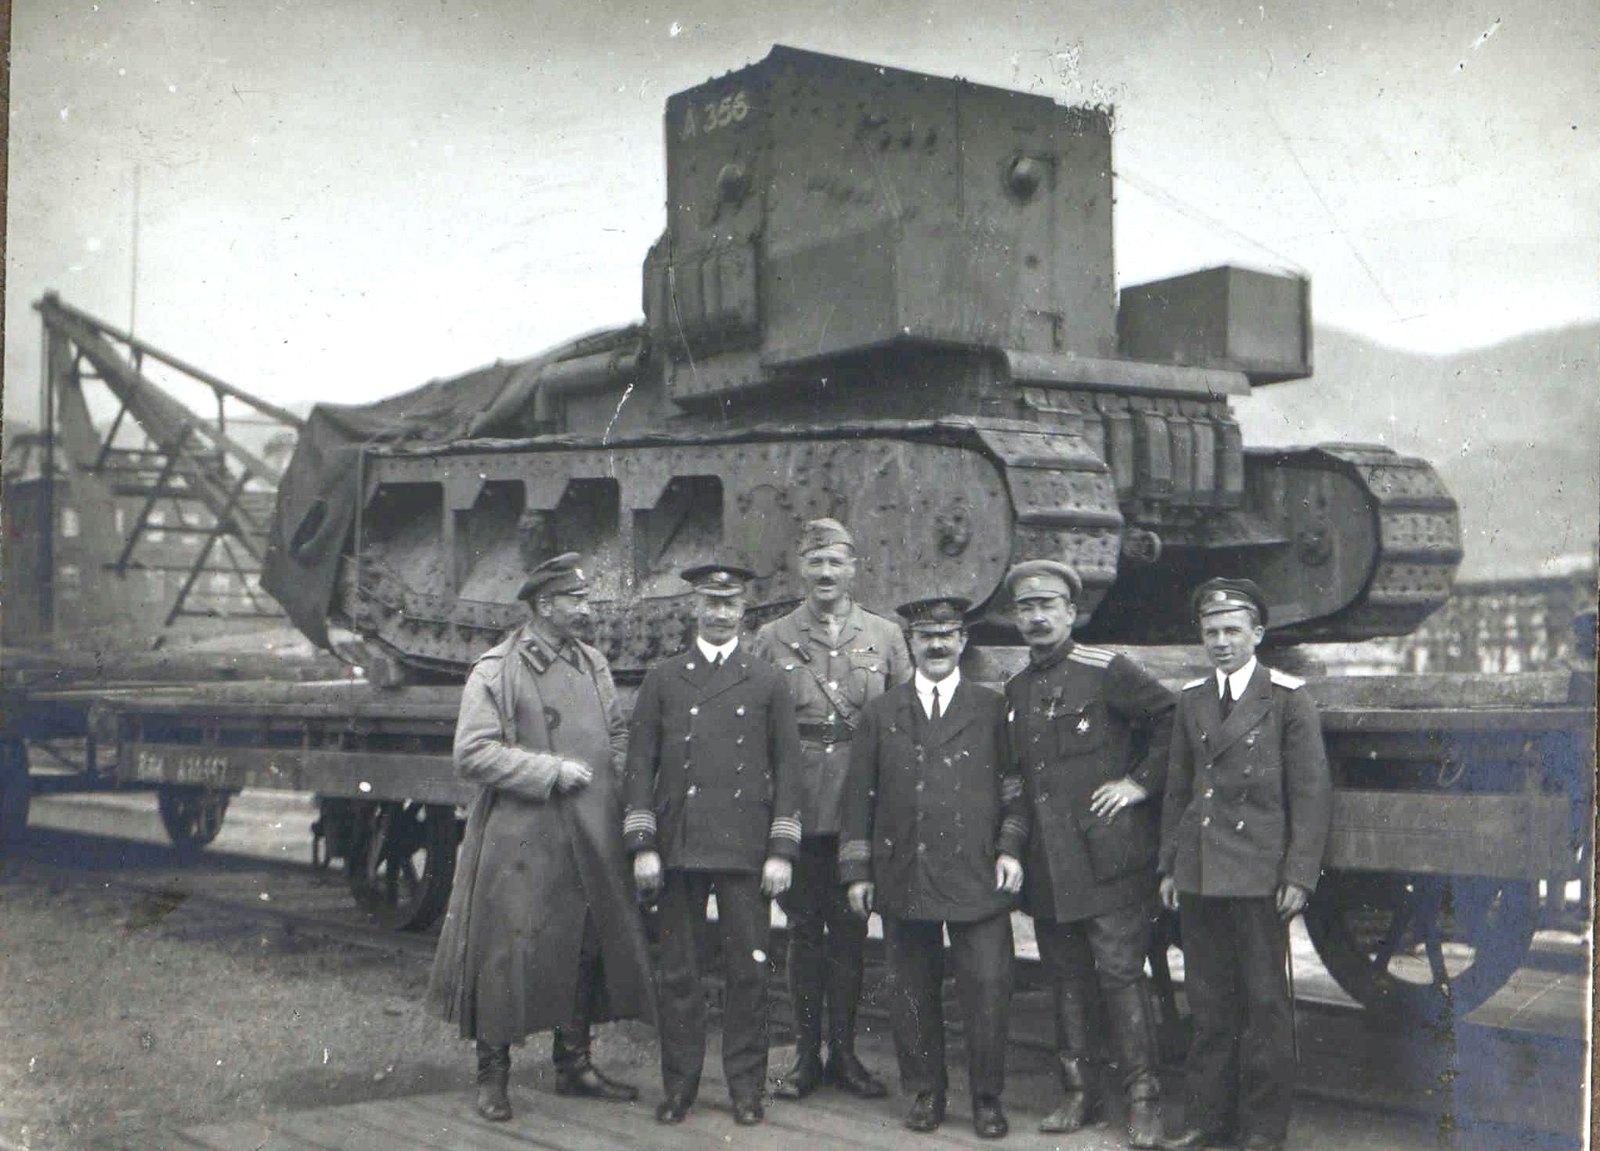 310. 1919. Отправка танков МК-А «Уиппет» по железной дороге из Екатеринодара на Царицынский фронт